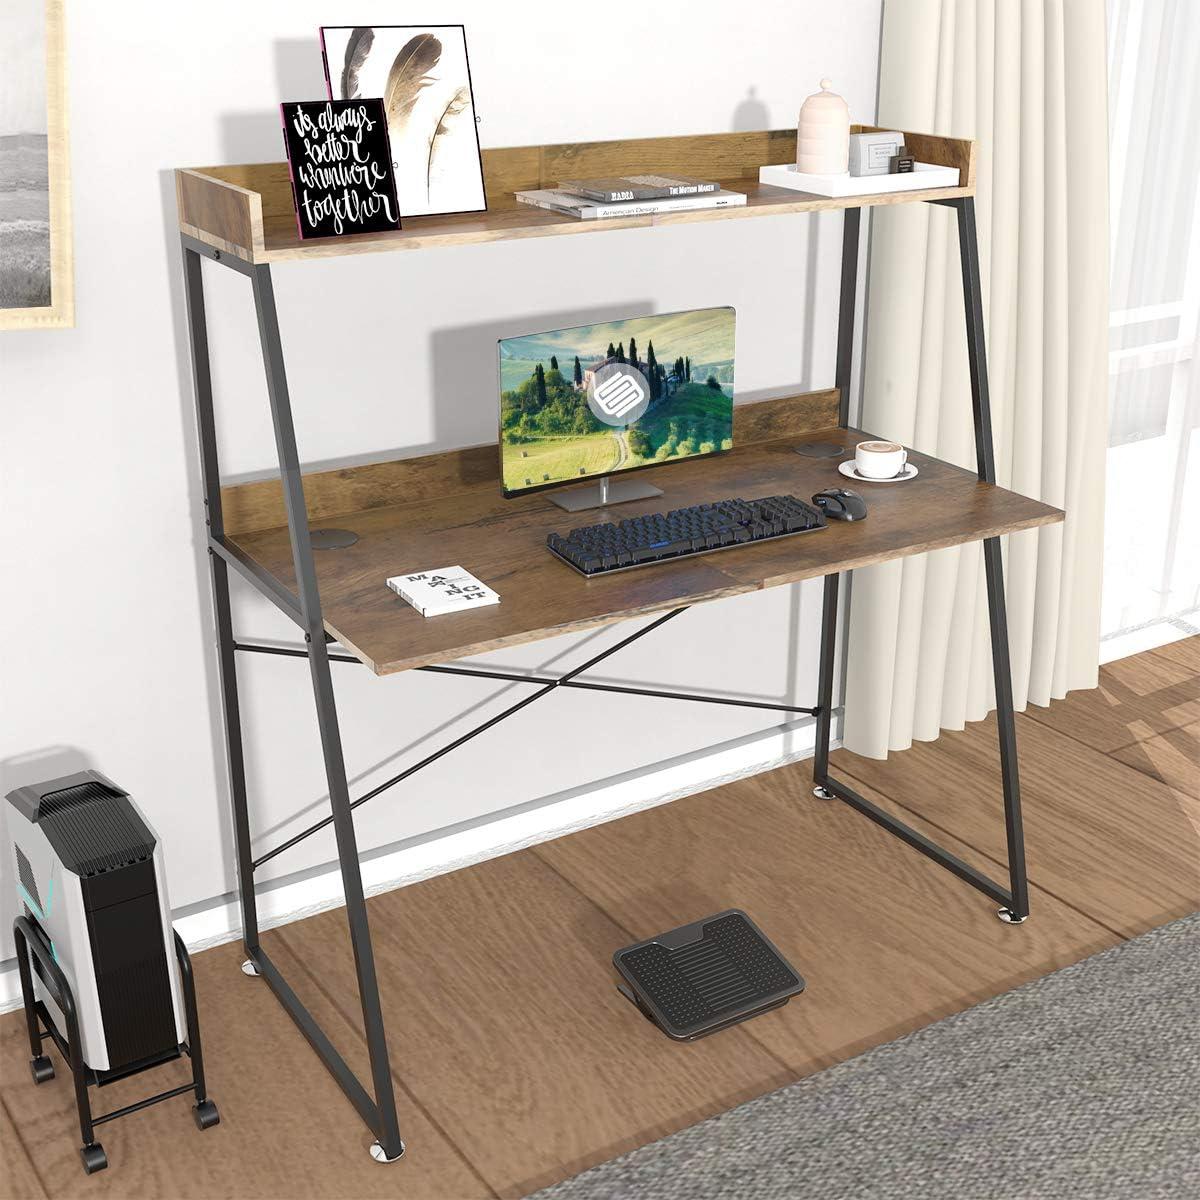 Eureka Ergonomic Computer Desk, 48